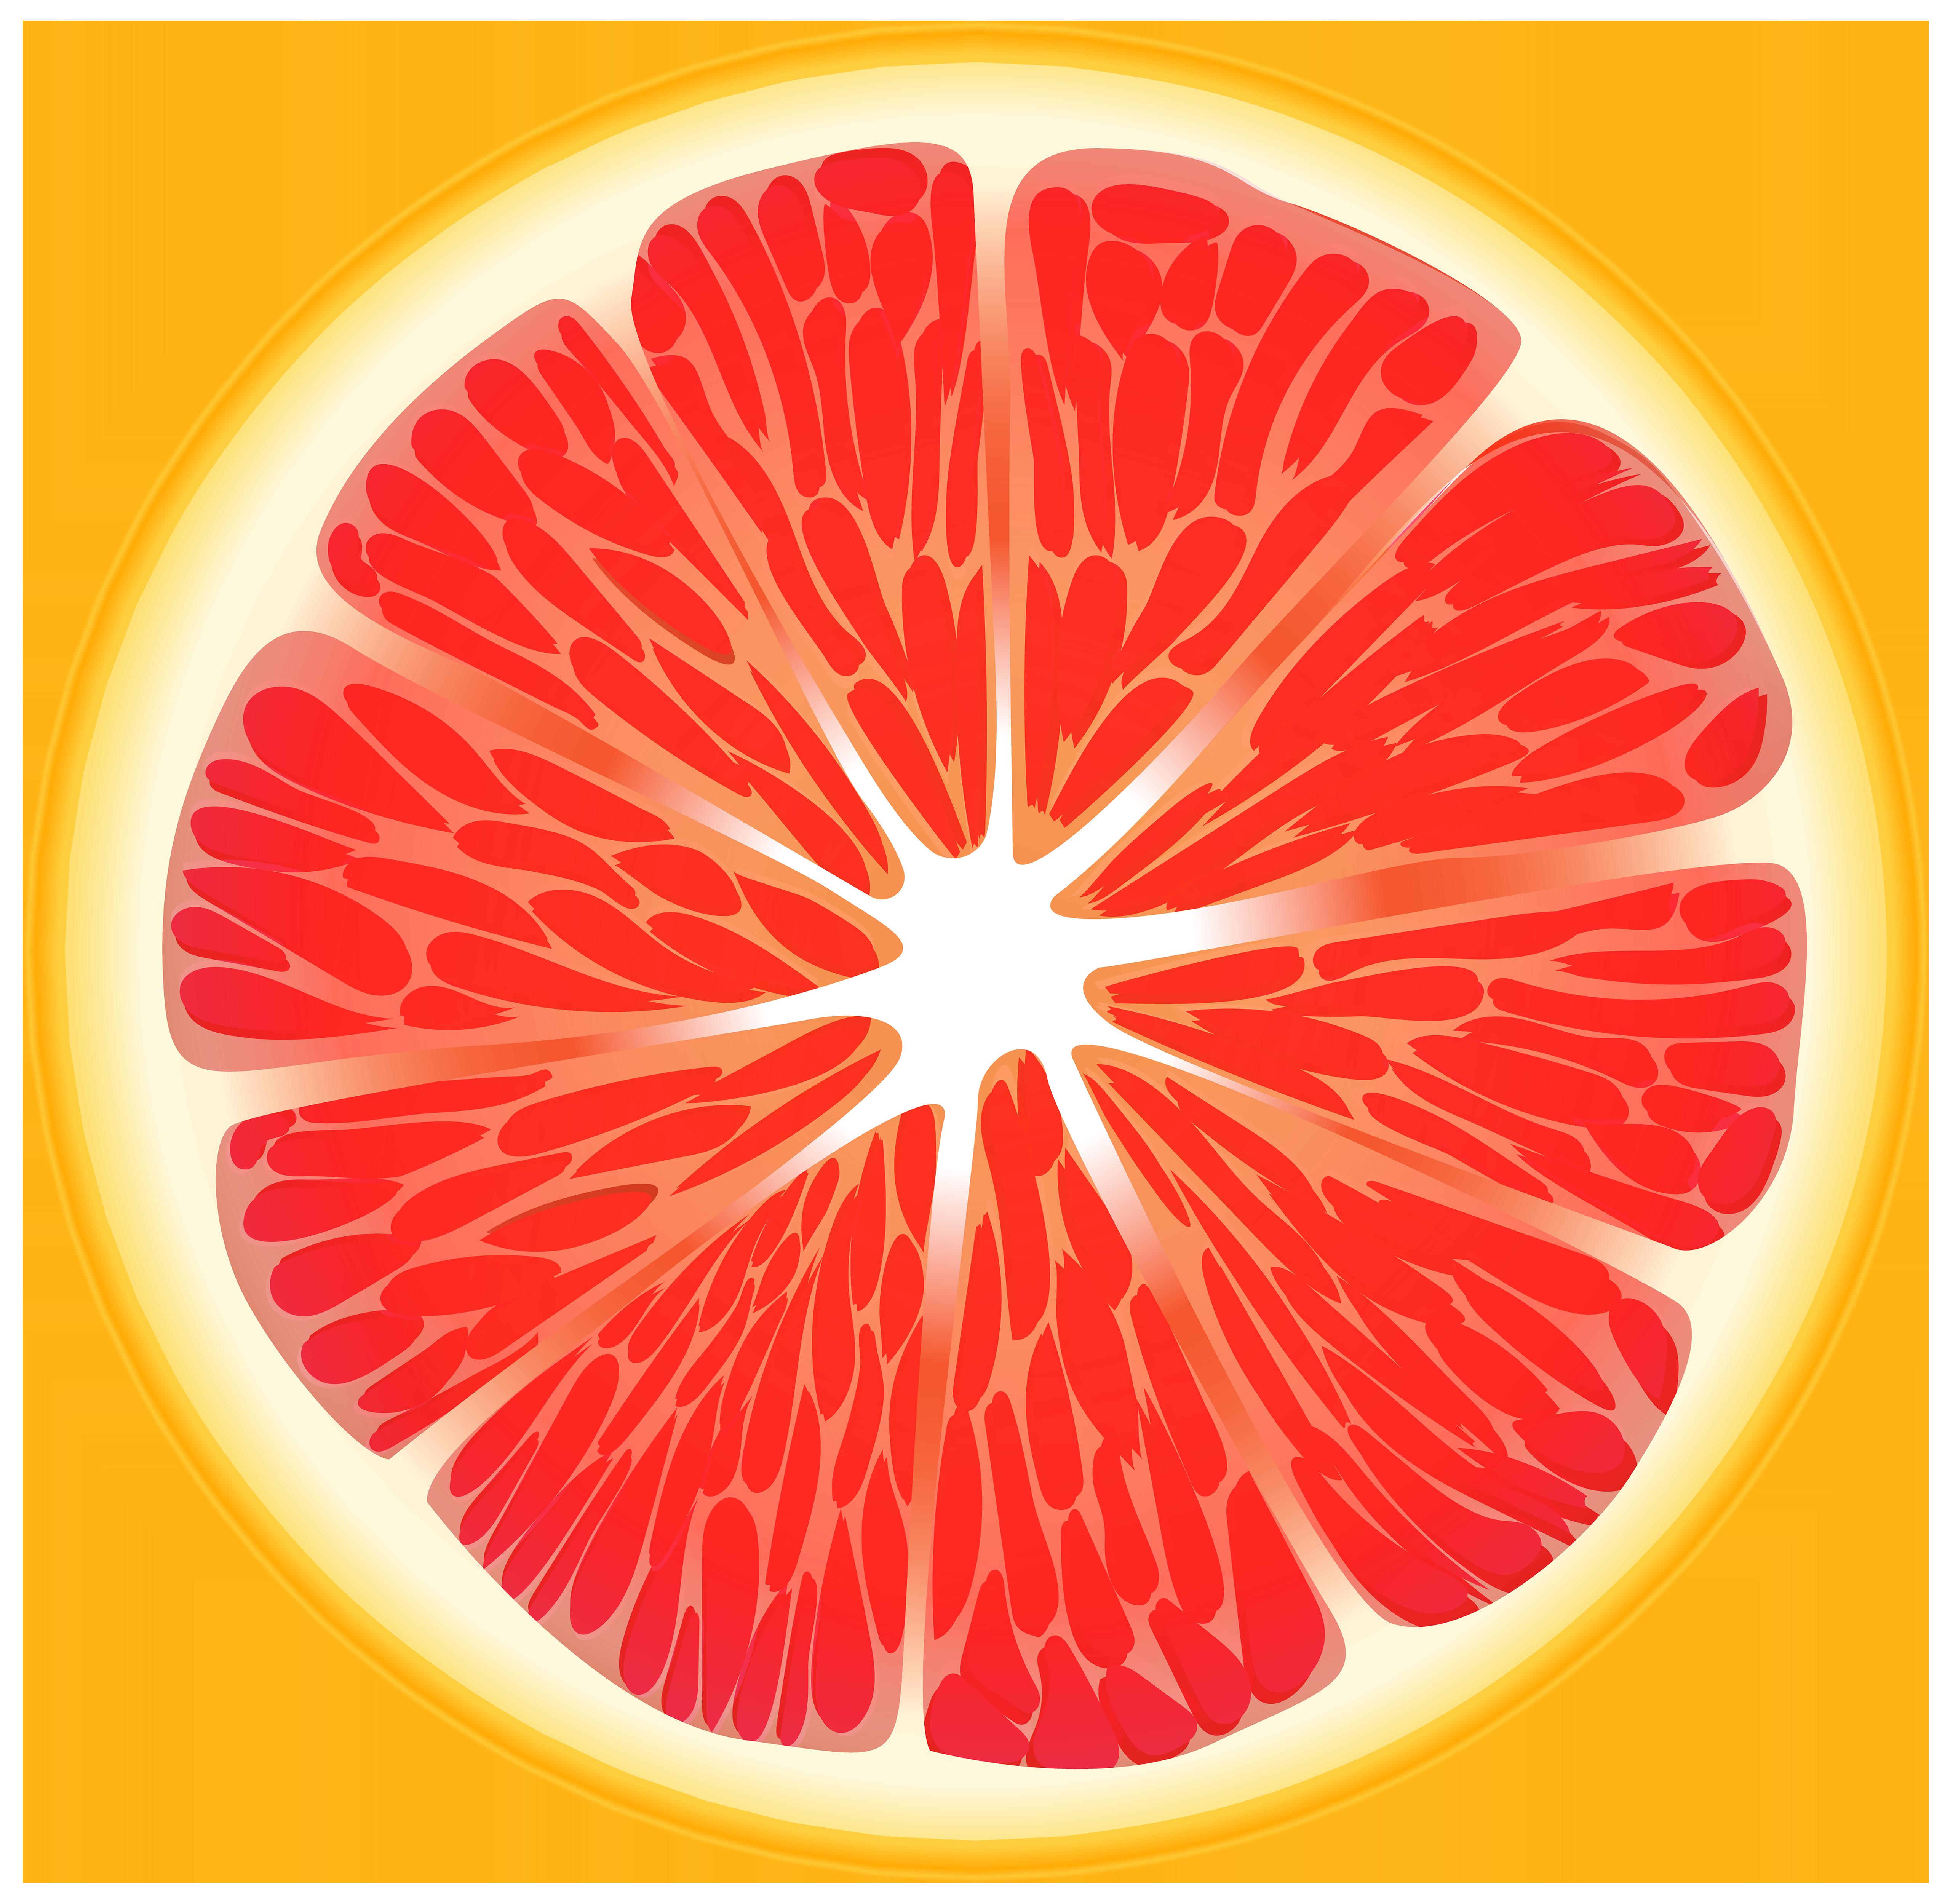 Red slice clip art. Blood orange png